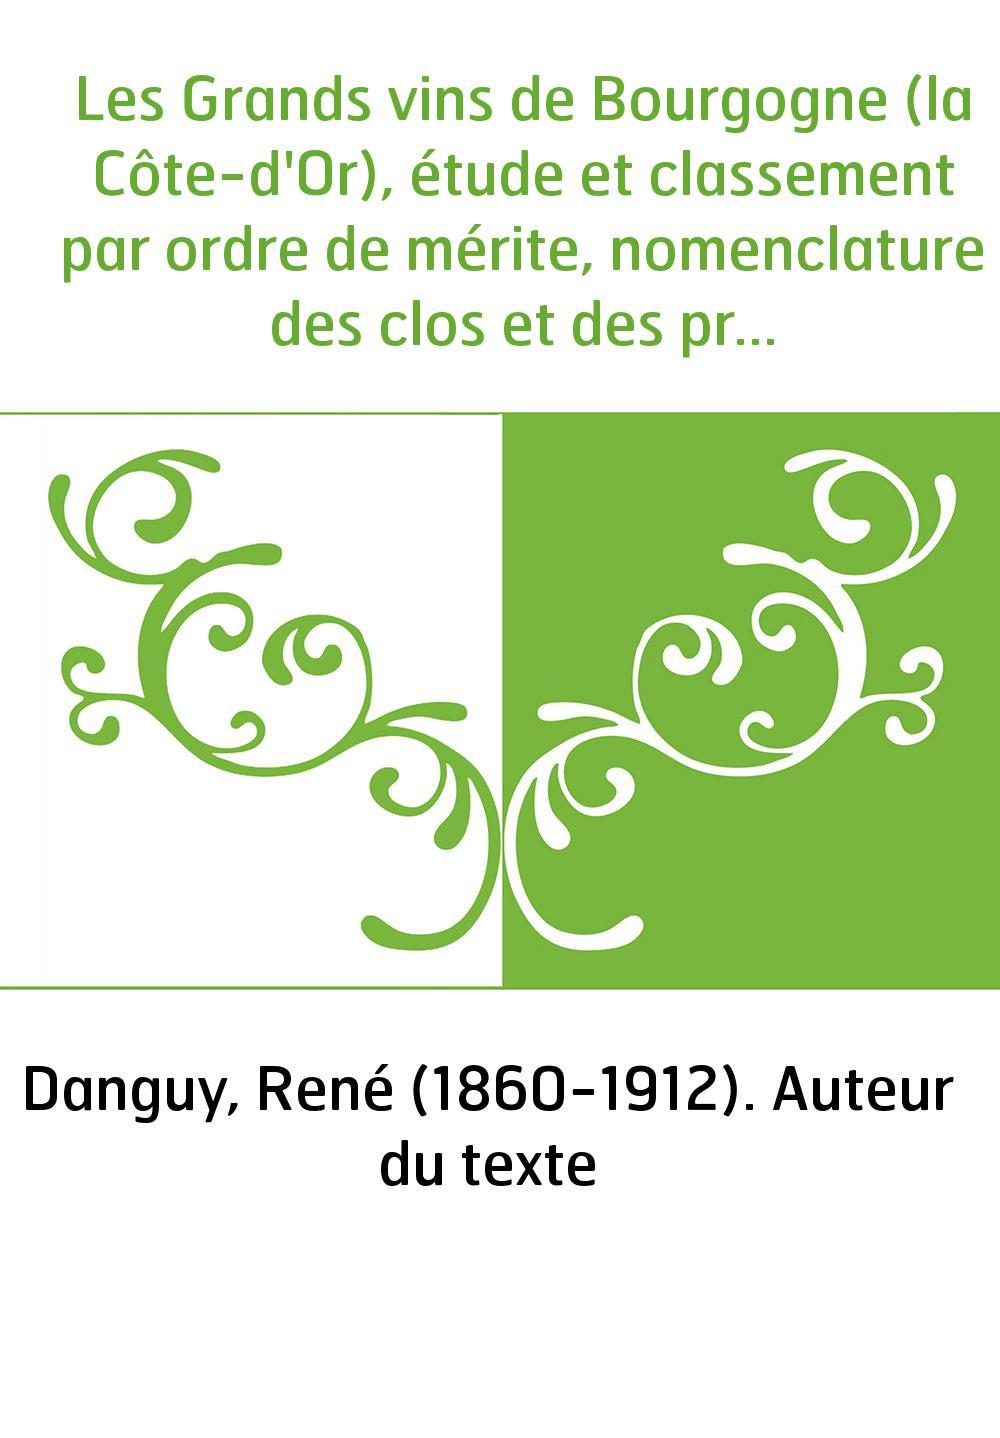 Les Grands vins de Bourgogne (la Côte-d'Or), étude et classement par ordre de mérite, nomenclature des clos et des propriétaires